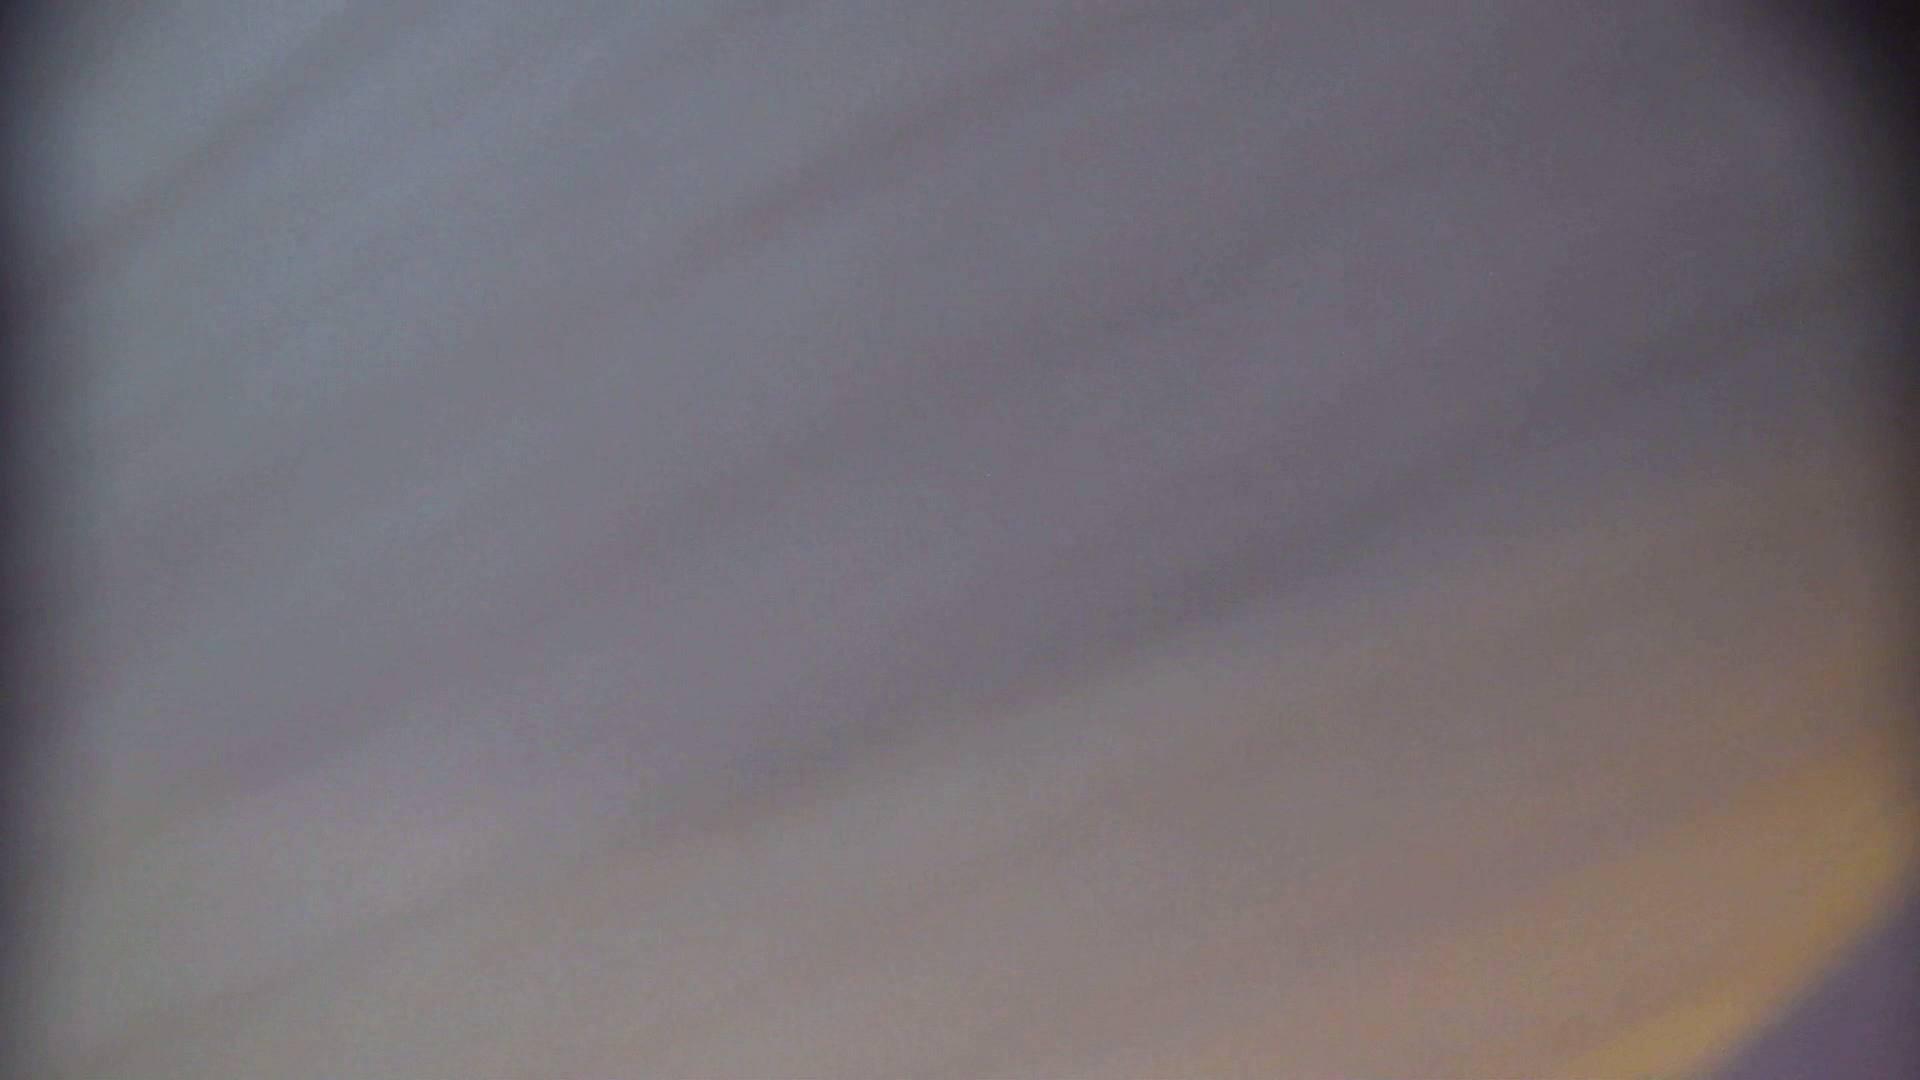 阿国ちゃんの「和式洋式七変化」No.4 盛合せ われめAV動画紹介 31画像 16